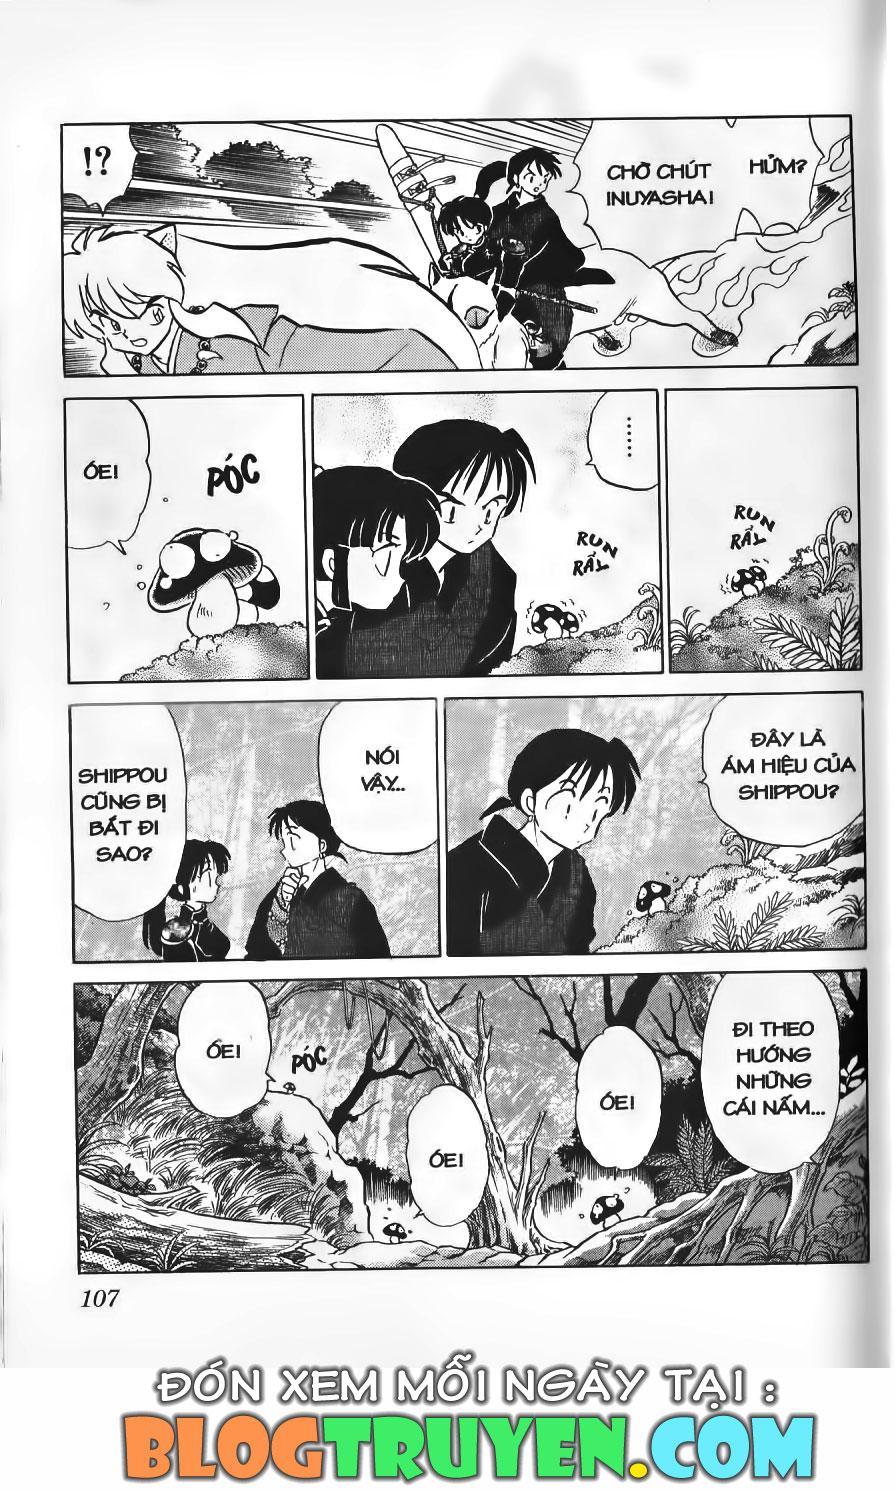 Inuyasha vol 14.6 trang 14